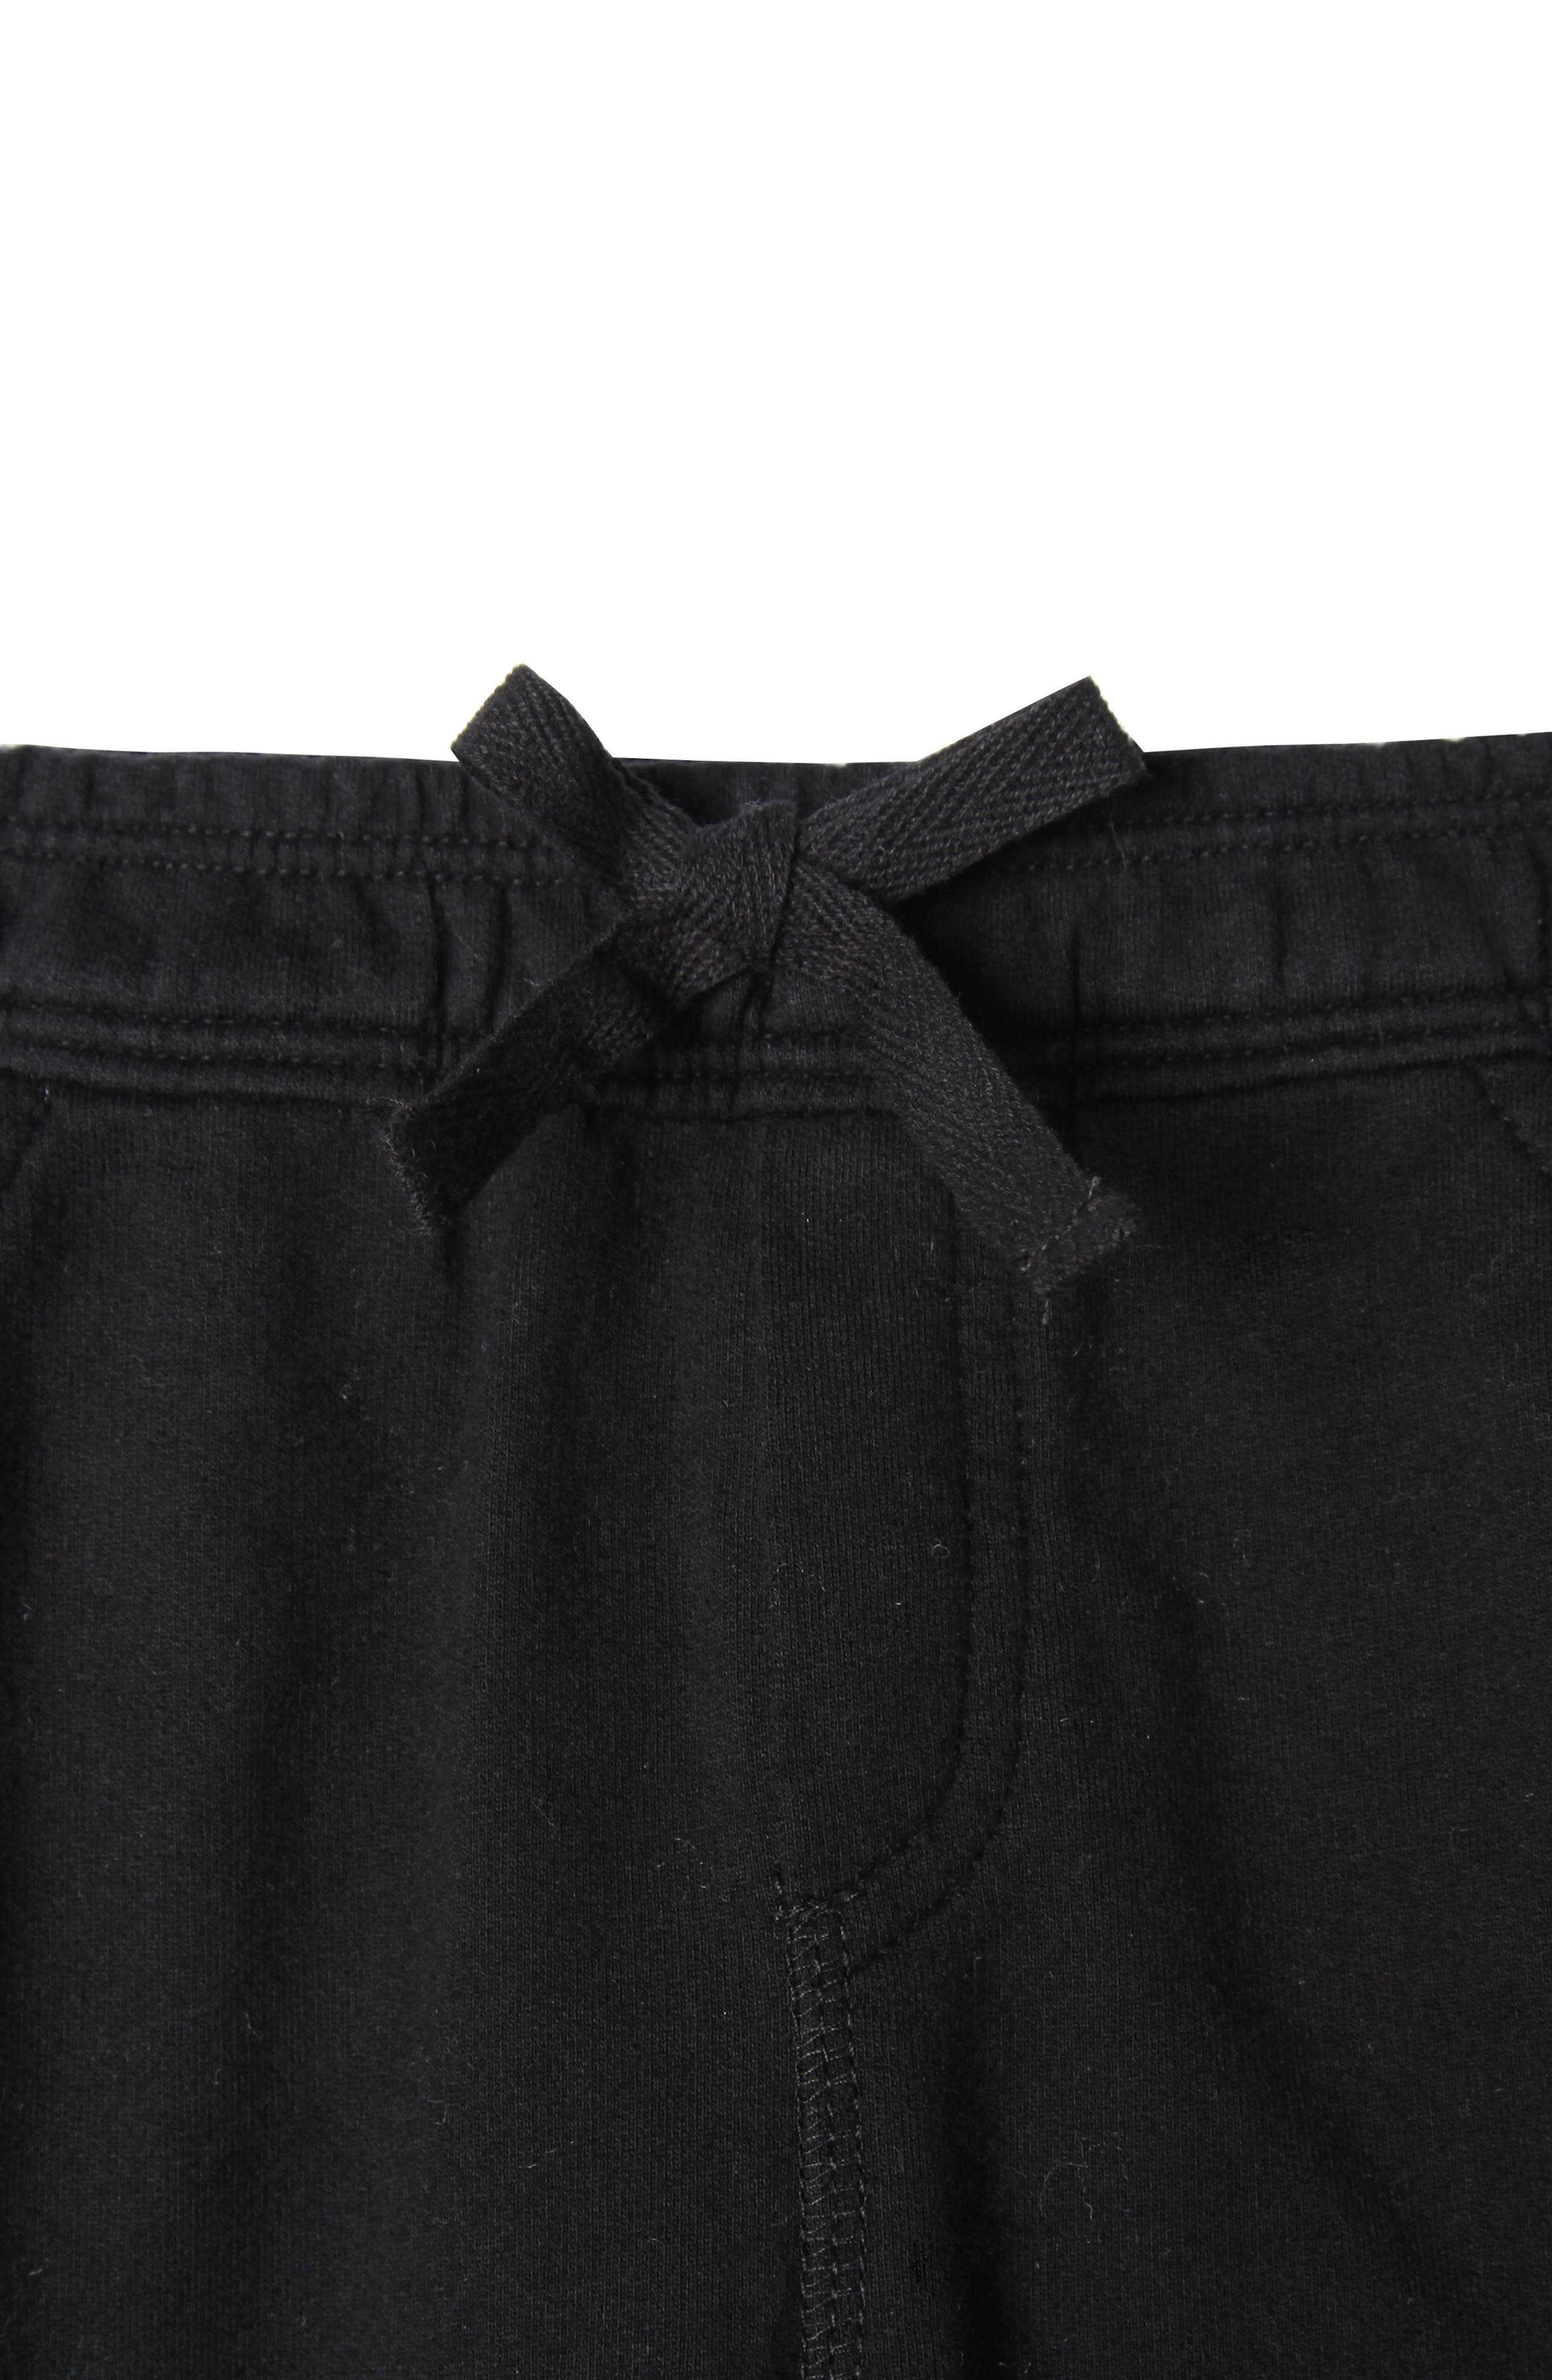 Joseph Organic Cotton Pants,                             Alternate thumbnail 2, color,                             001